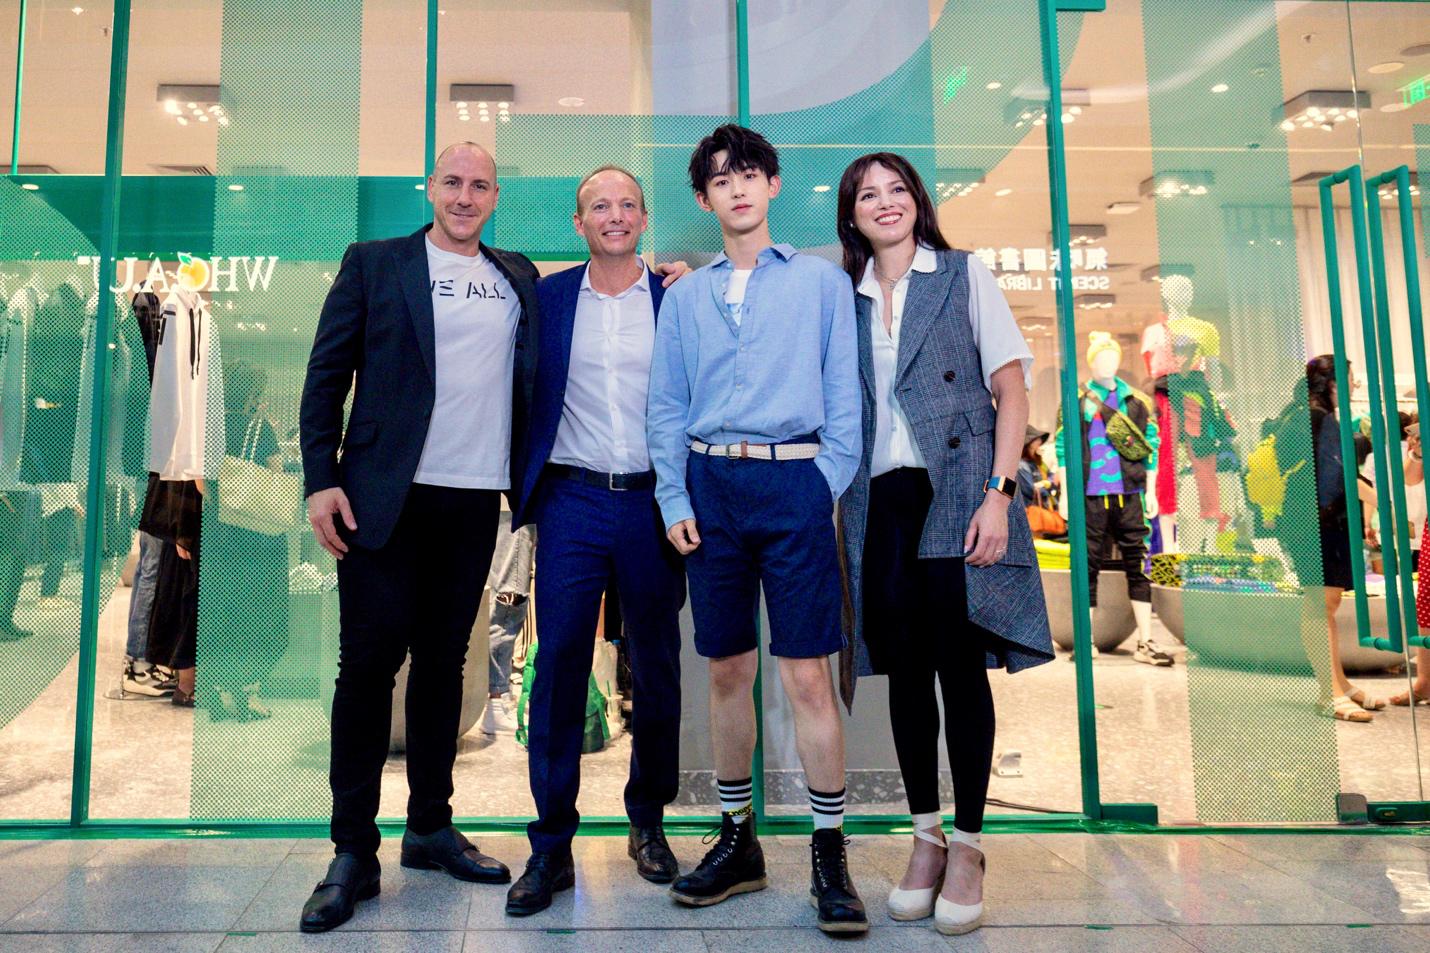 außergewöhnliche Auswahl an Stilen modernes Design verkauf uk 经典出发,及时型乐ESPRIT全新概念店在北京正式开幕_品牌